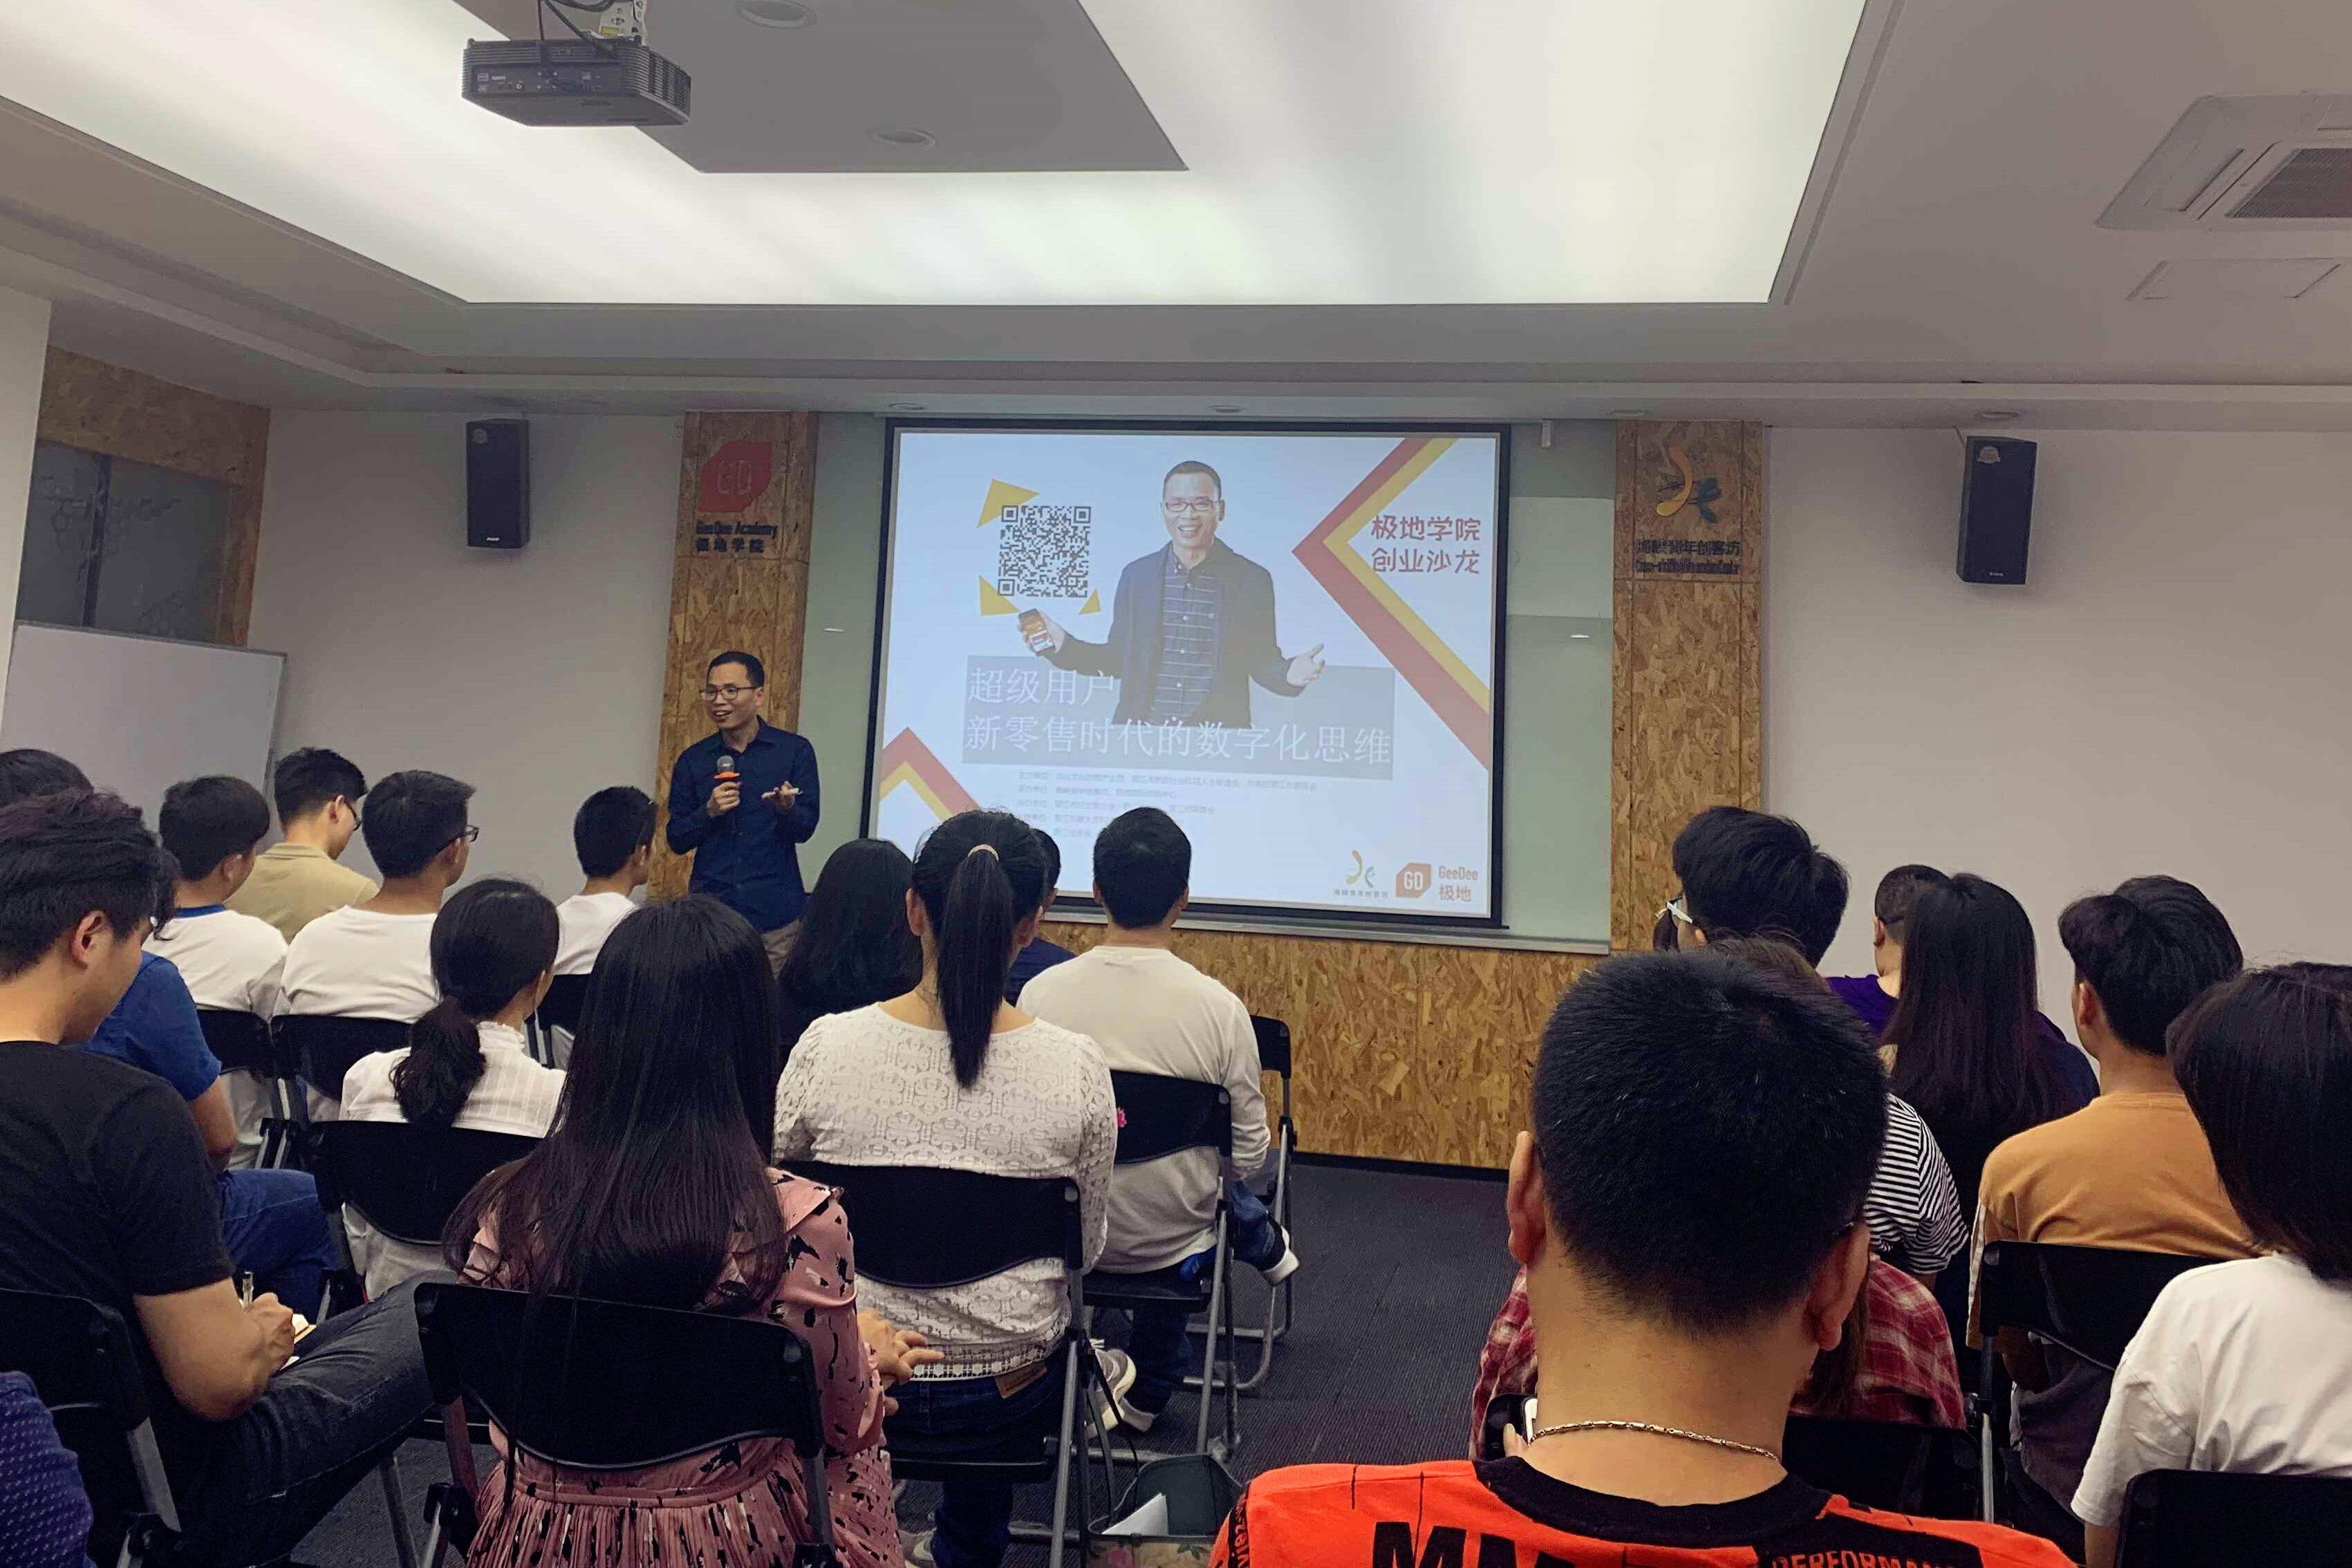 蔡錦發:為什么新零售?什么是超級用戶?如何效益倍增